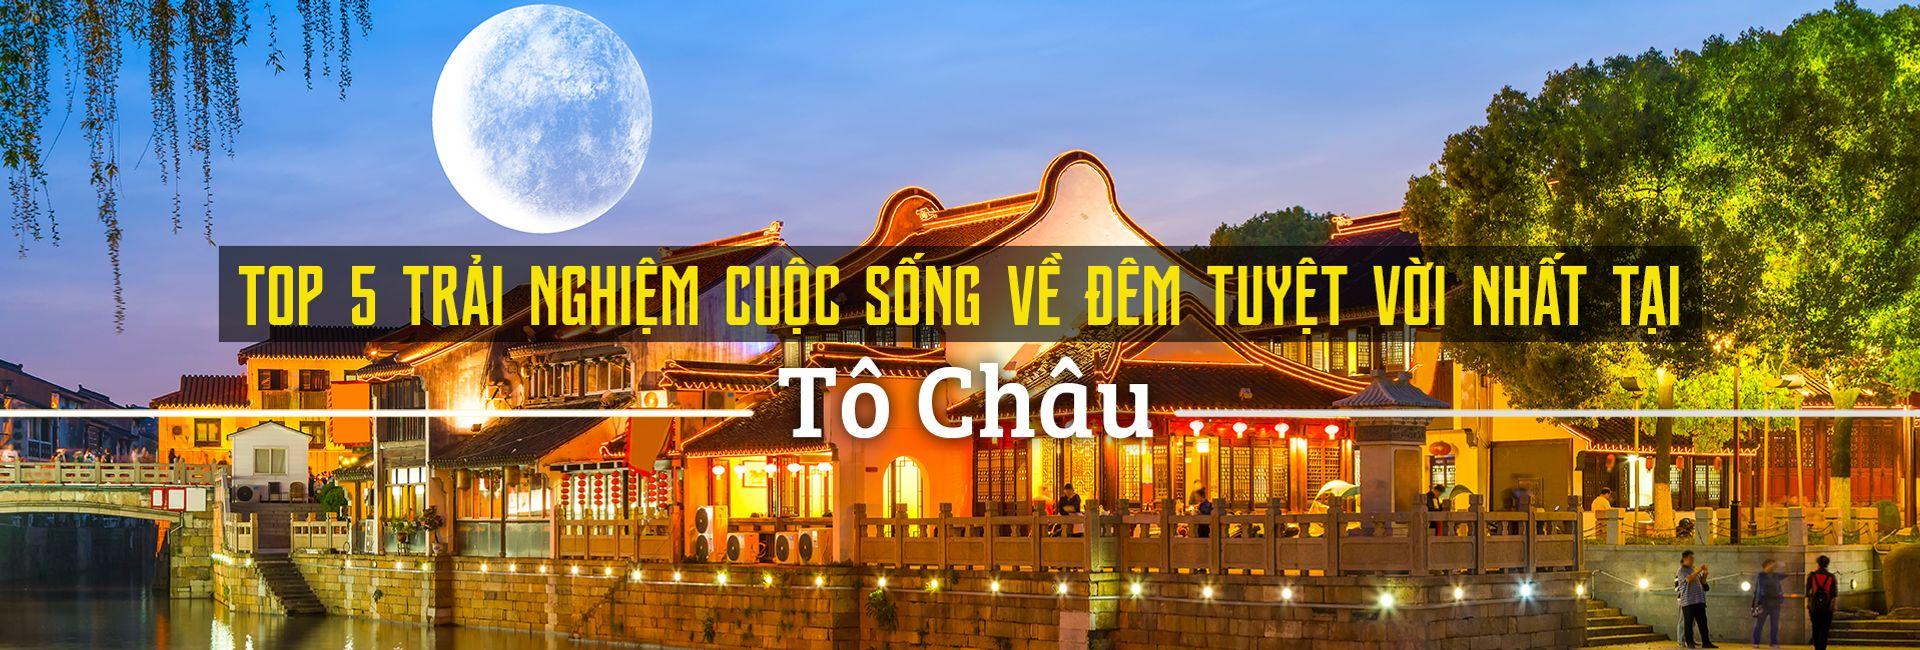 Top 5 trải nghiệm cuộc sống về đêm tuyệt vời nhất tại Tô Châu